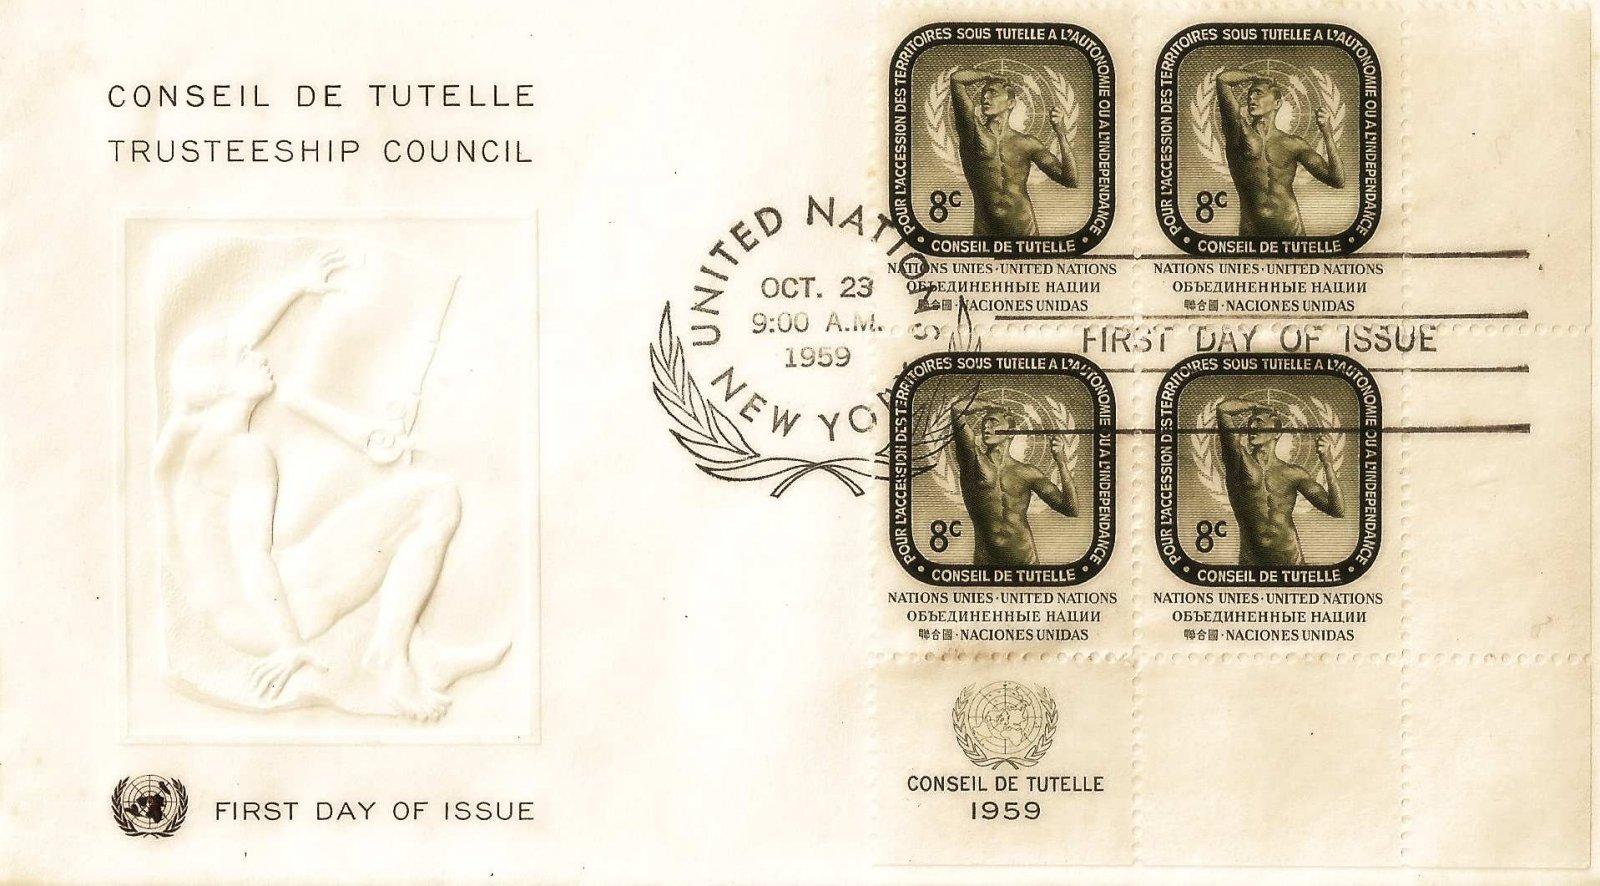 1959 nations unies conseil tutelle bloc 8c